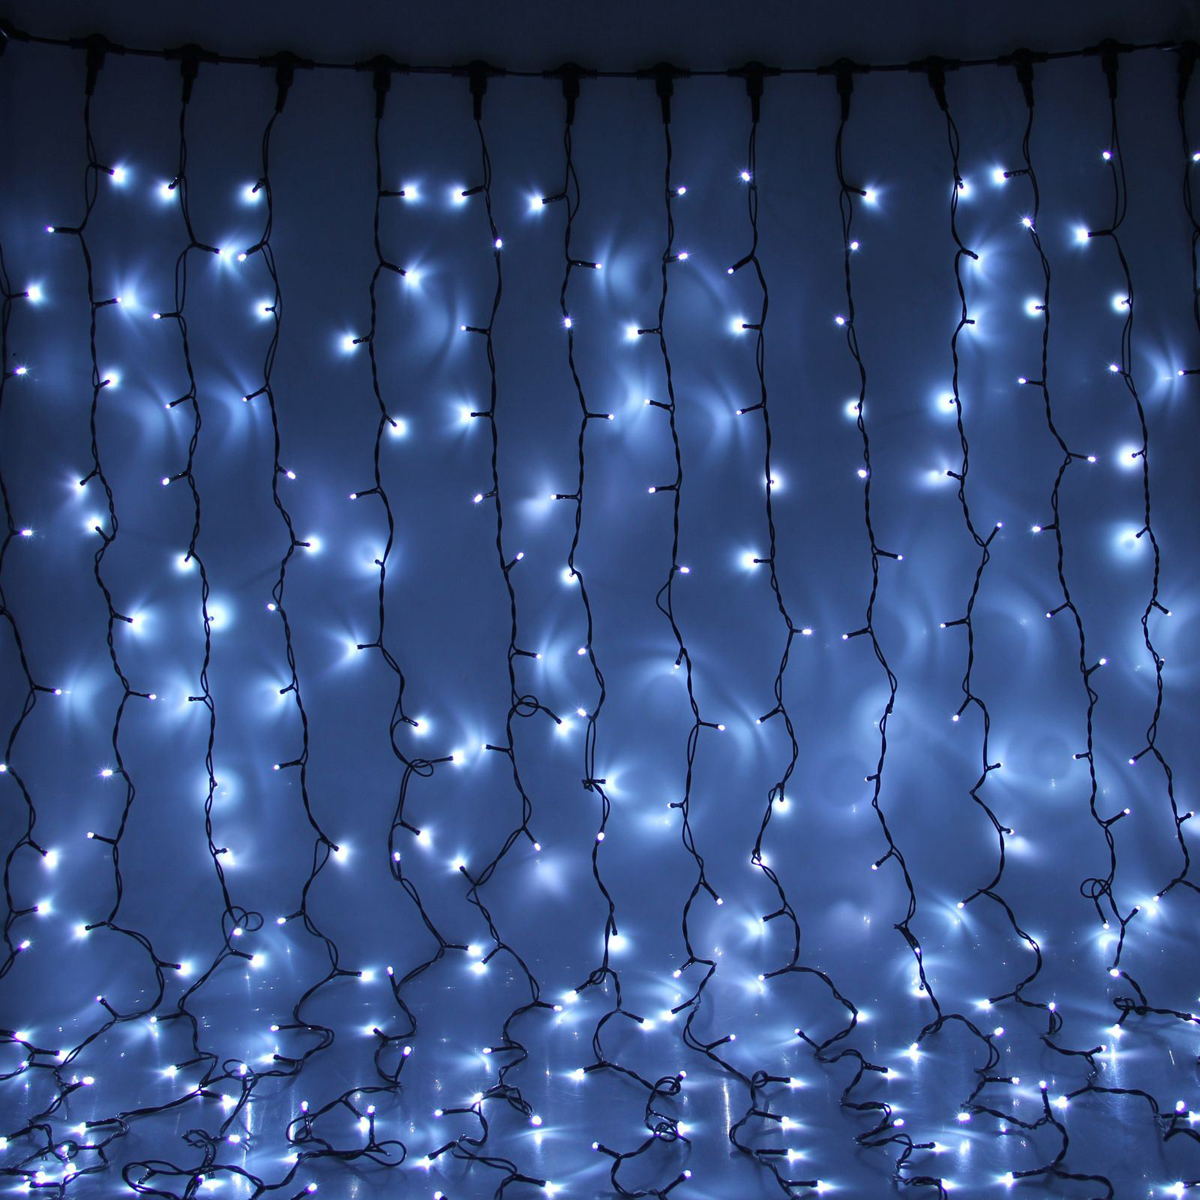 Гирлянда светодиодная Luazon Занавес, цвет: белый, уличная, 760 ламп, 220 V, 2 х 3 м. 10802331080233Светодиодные гирлянды и ленты — это отличный вариант для новогоднего оформления интерьера или фасада. С их помощью помещение любого размера можно превратить в праздничный зал, а внешние элементы зданий, украшенные ими, мгновенно станут напоминать очертания сказочного дворца. Такие украшения создают ауру предвкушения чуда. Деревья, фасады, витрины, окна и арки будто специально созданы, чтобы вы украсили их светящимися нитями.